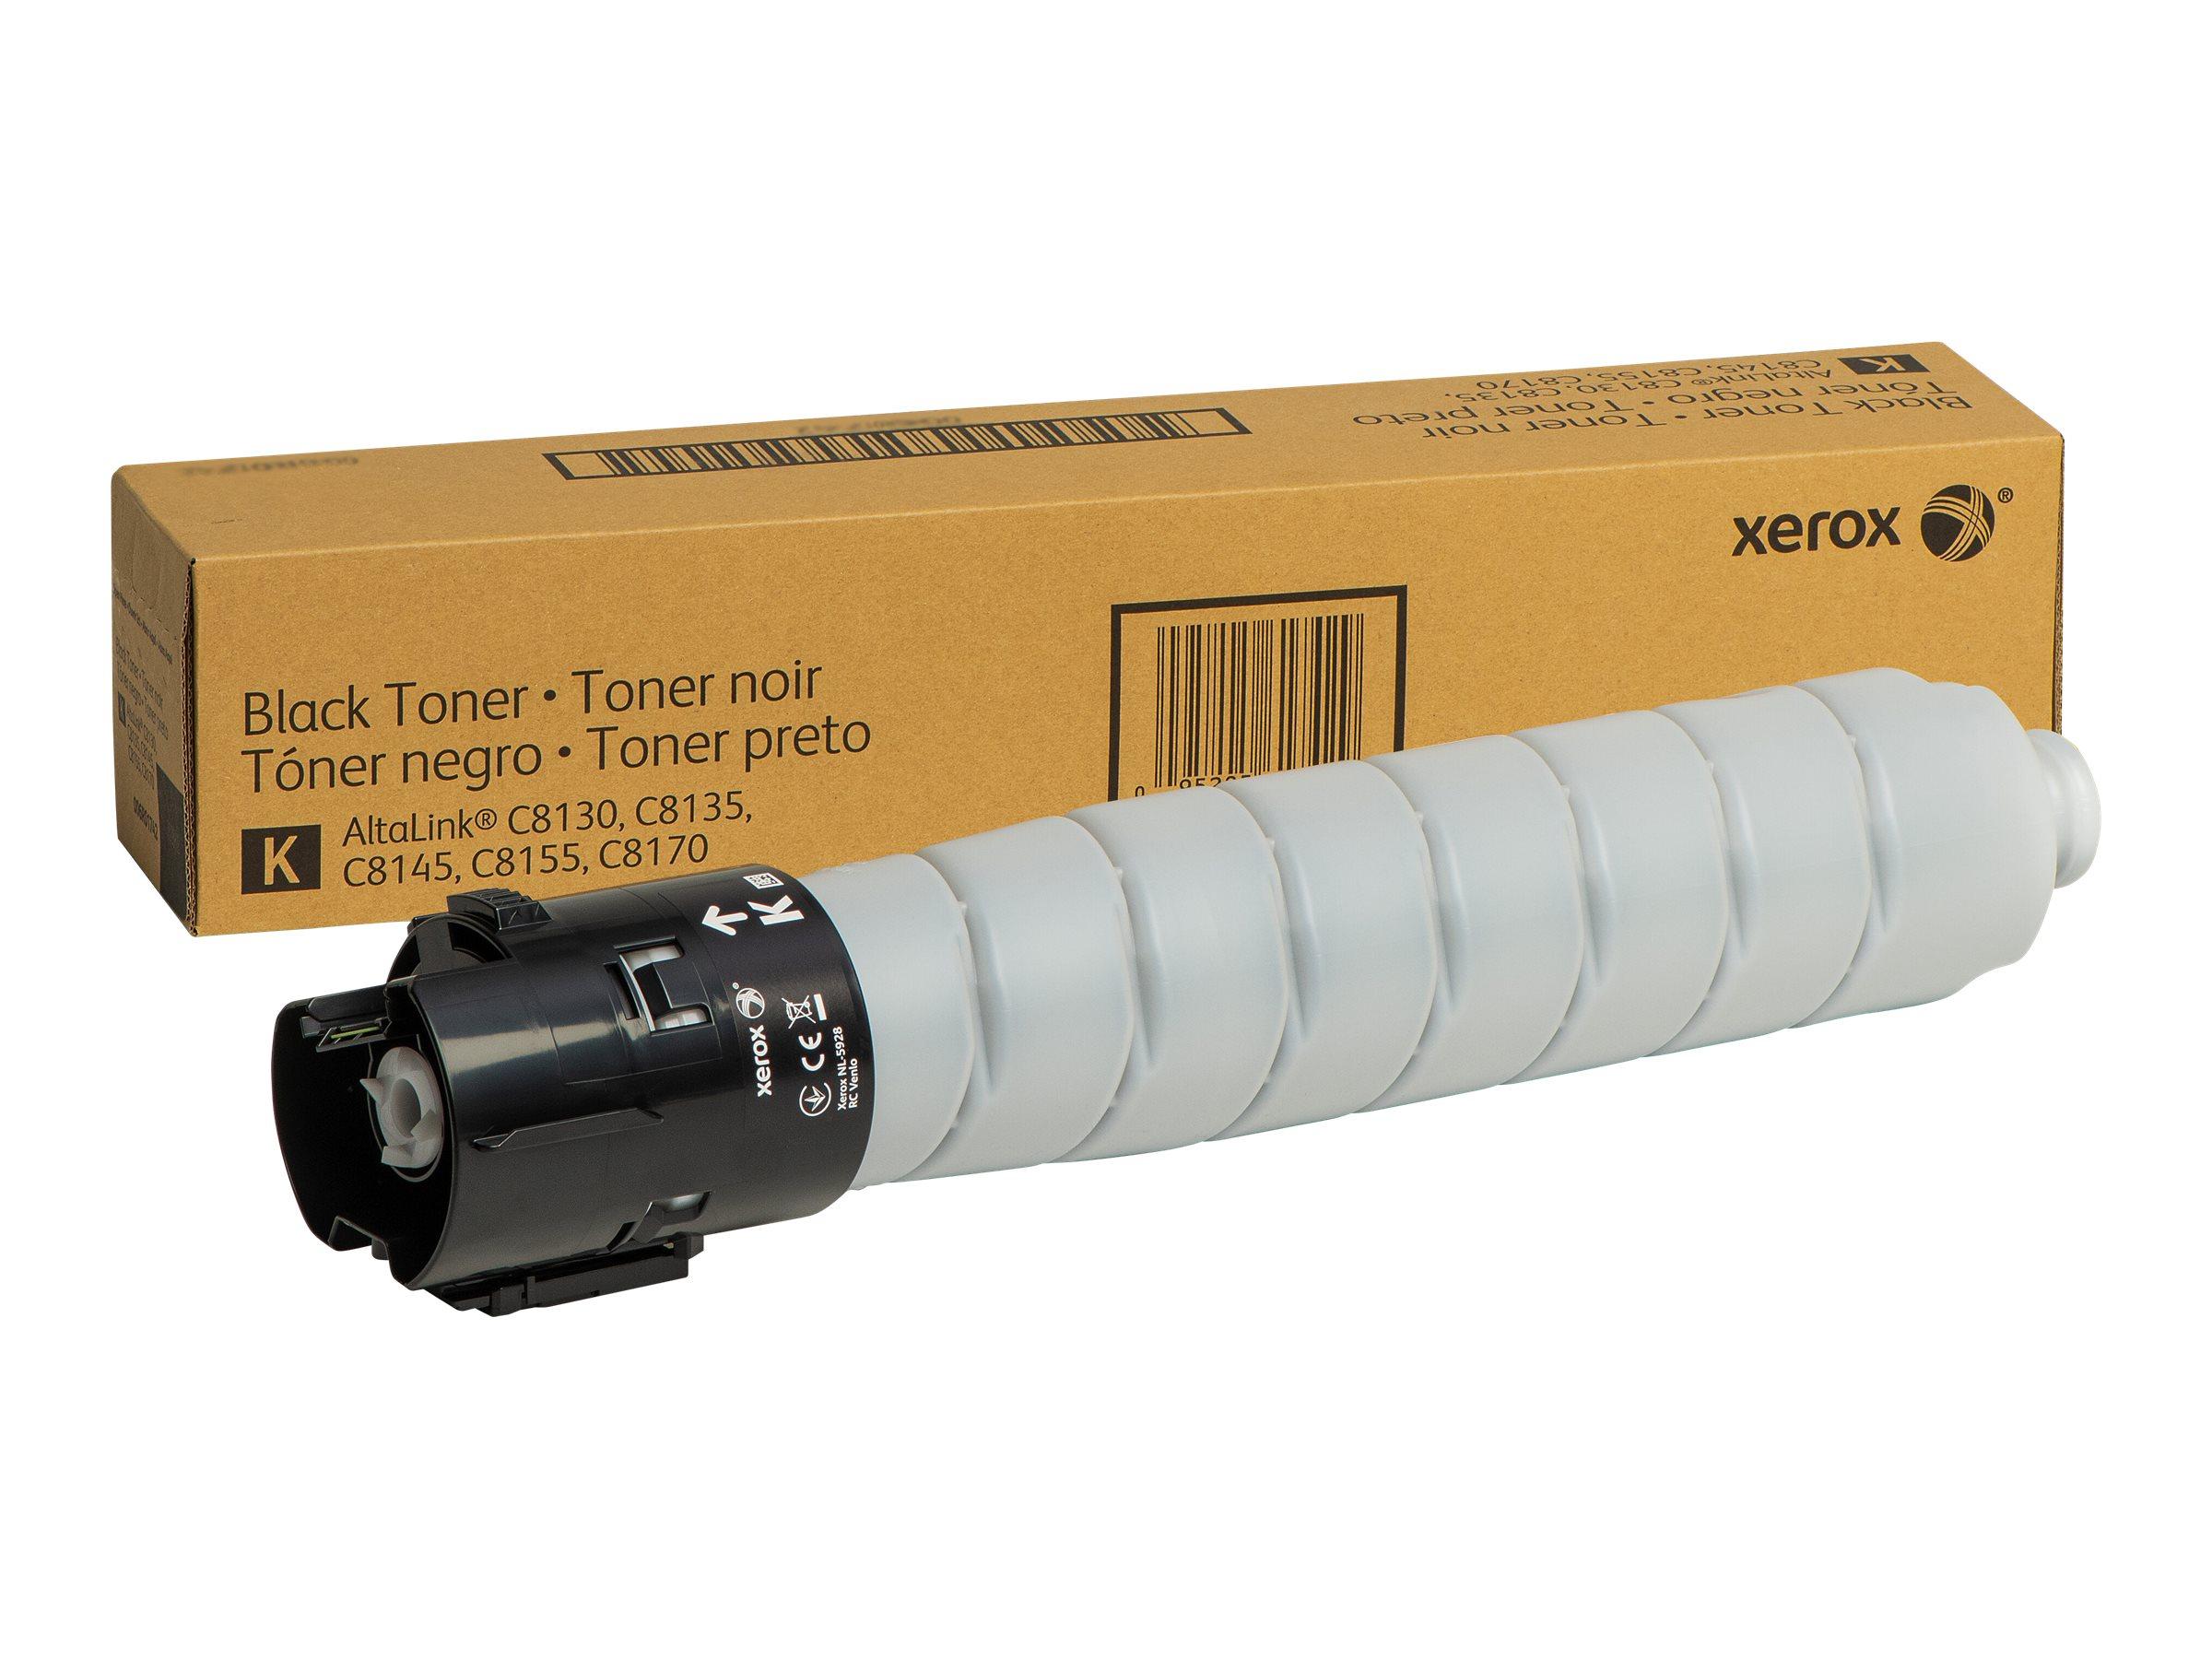 Xerox AltaLink C8130/35/45/55/70 - black - original - toner cartridge